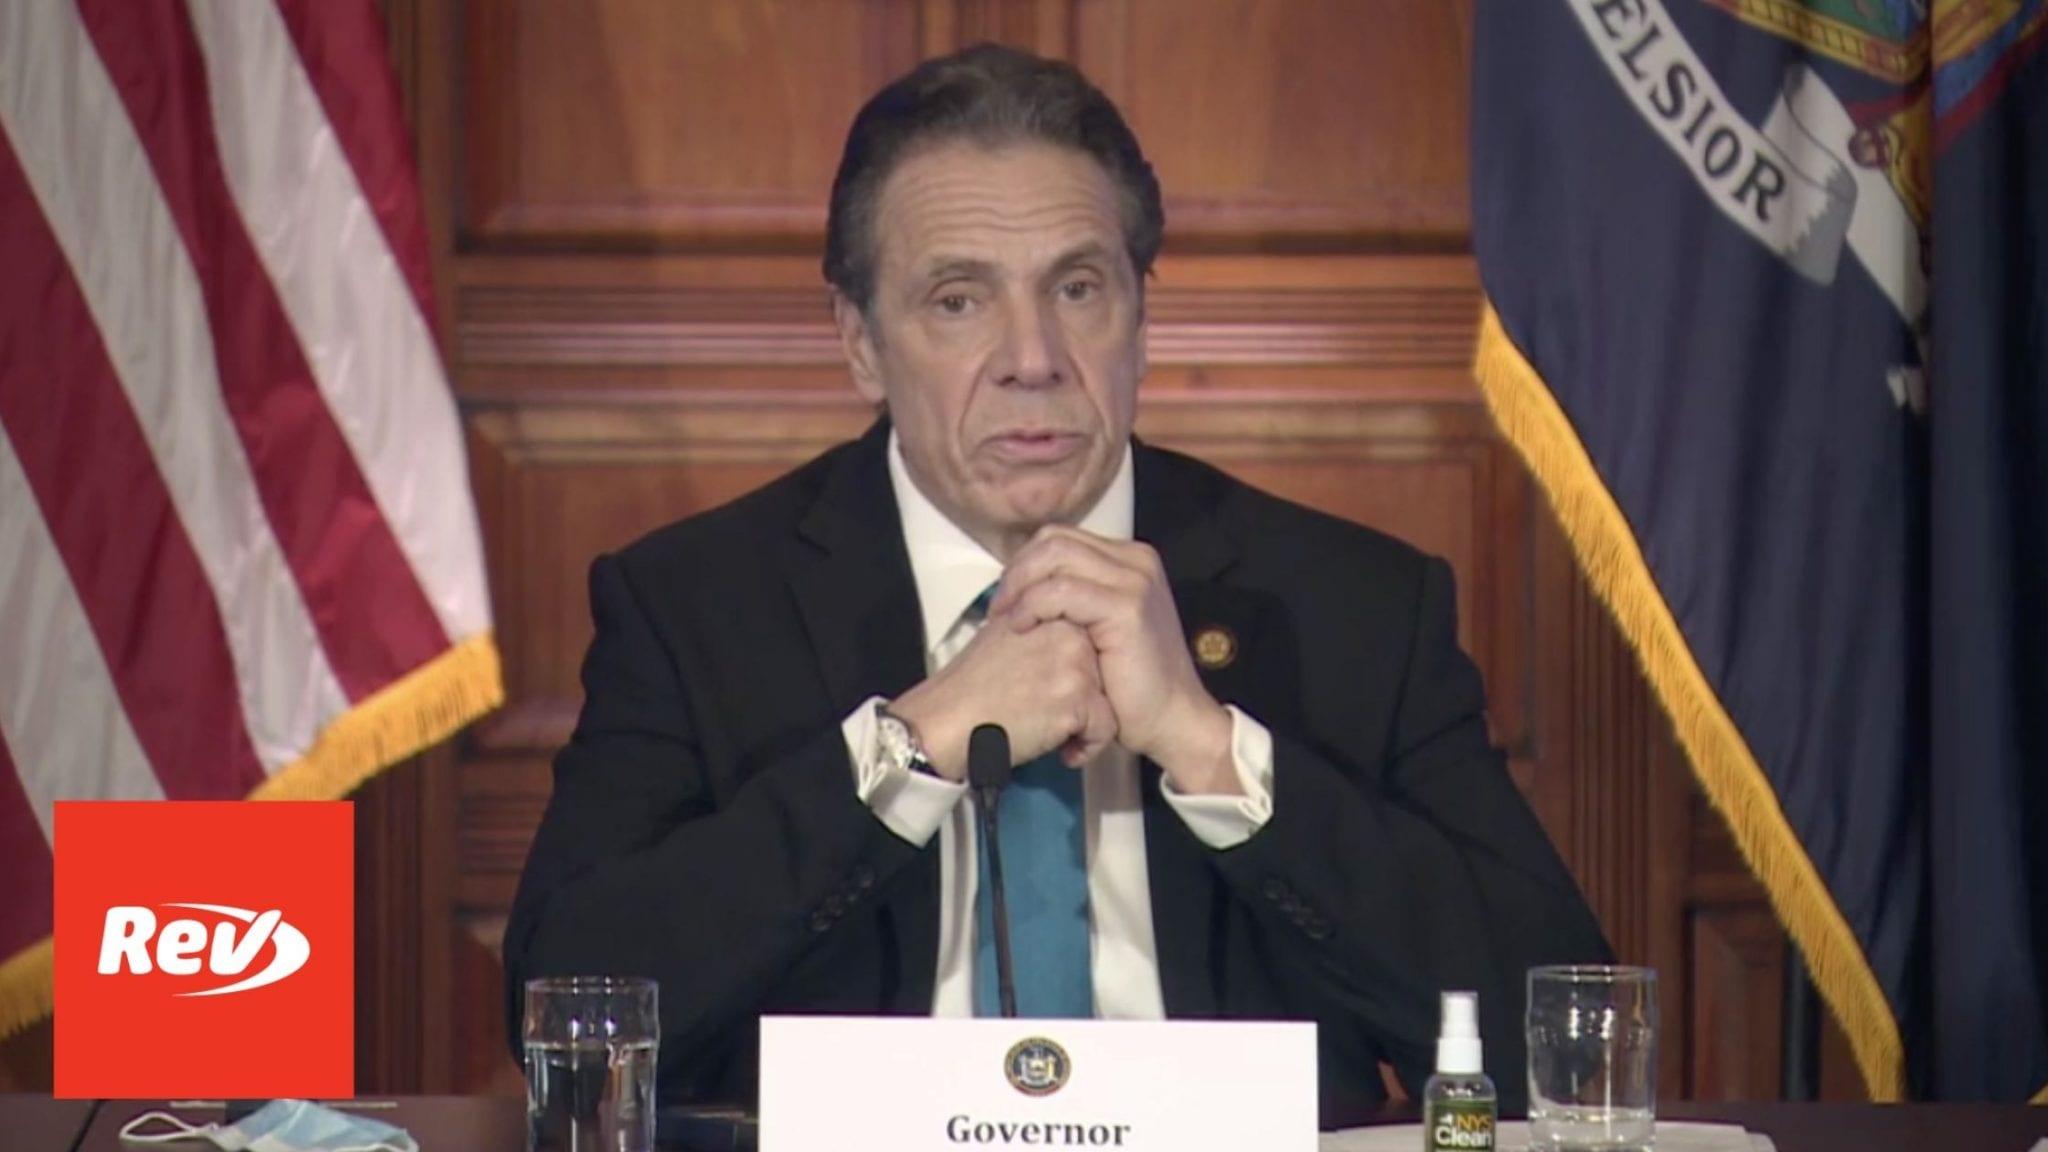 New York Gov. Andrew Cuomo COVID-19 Press Conference Transcript February 19